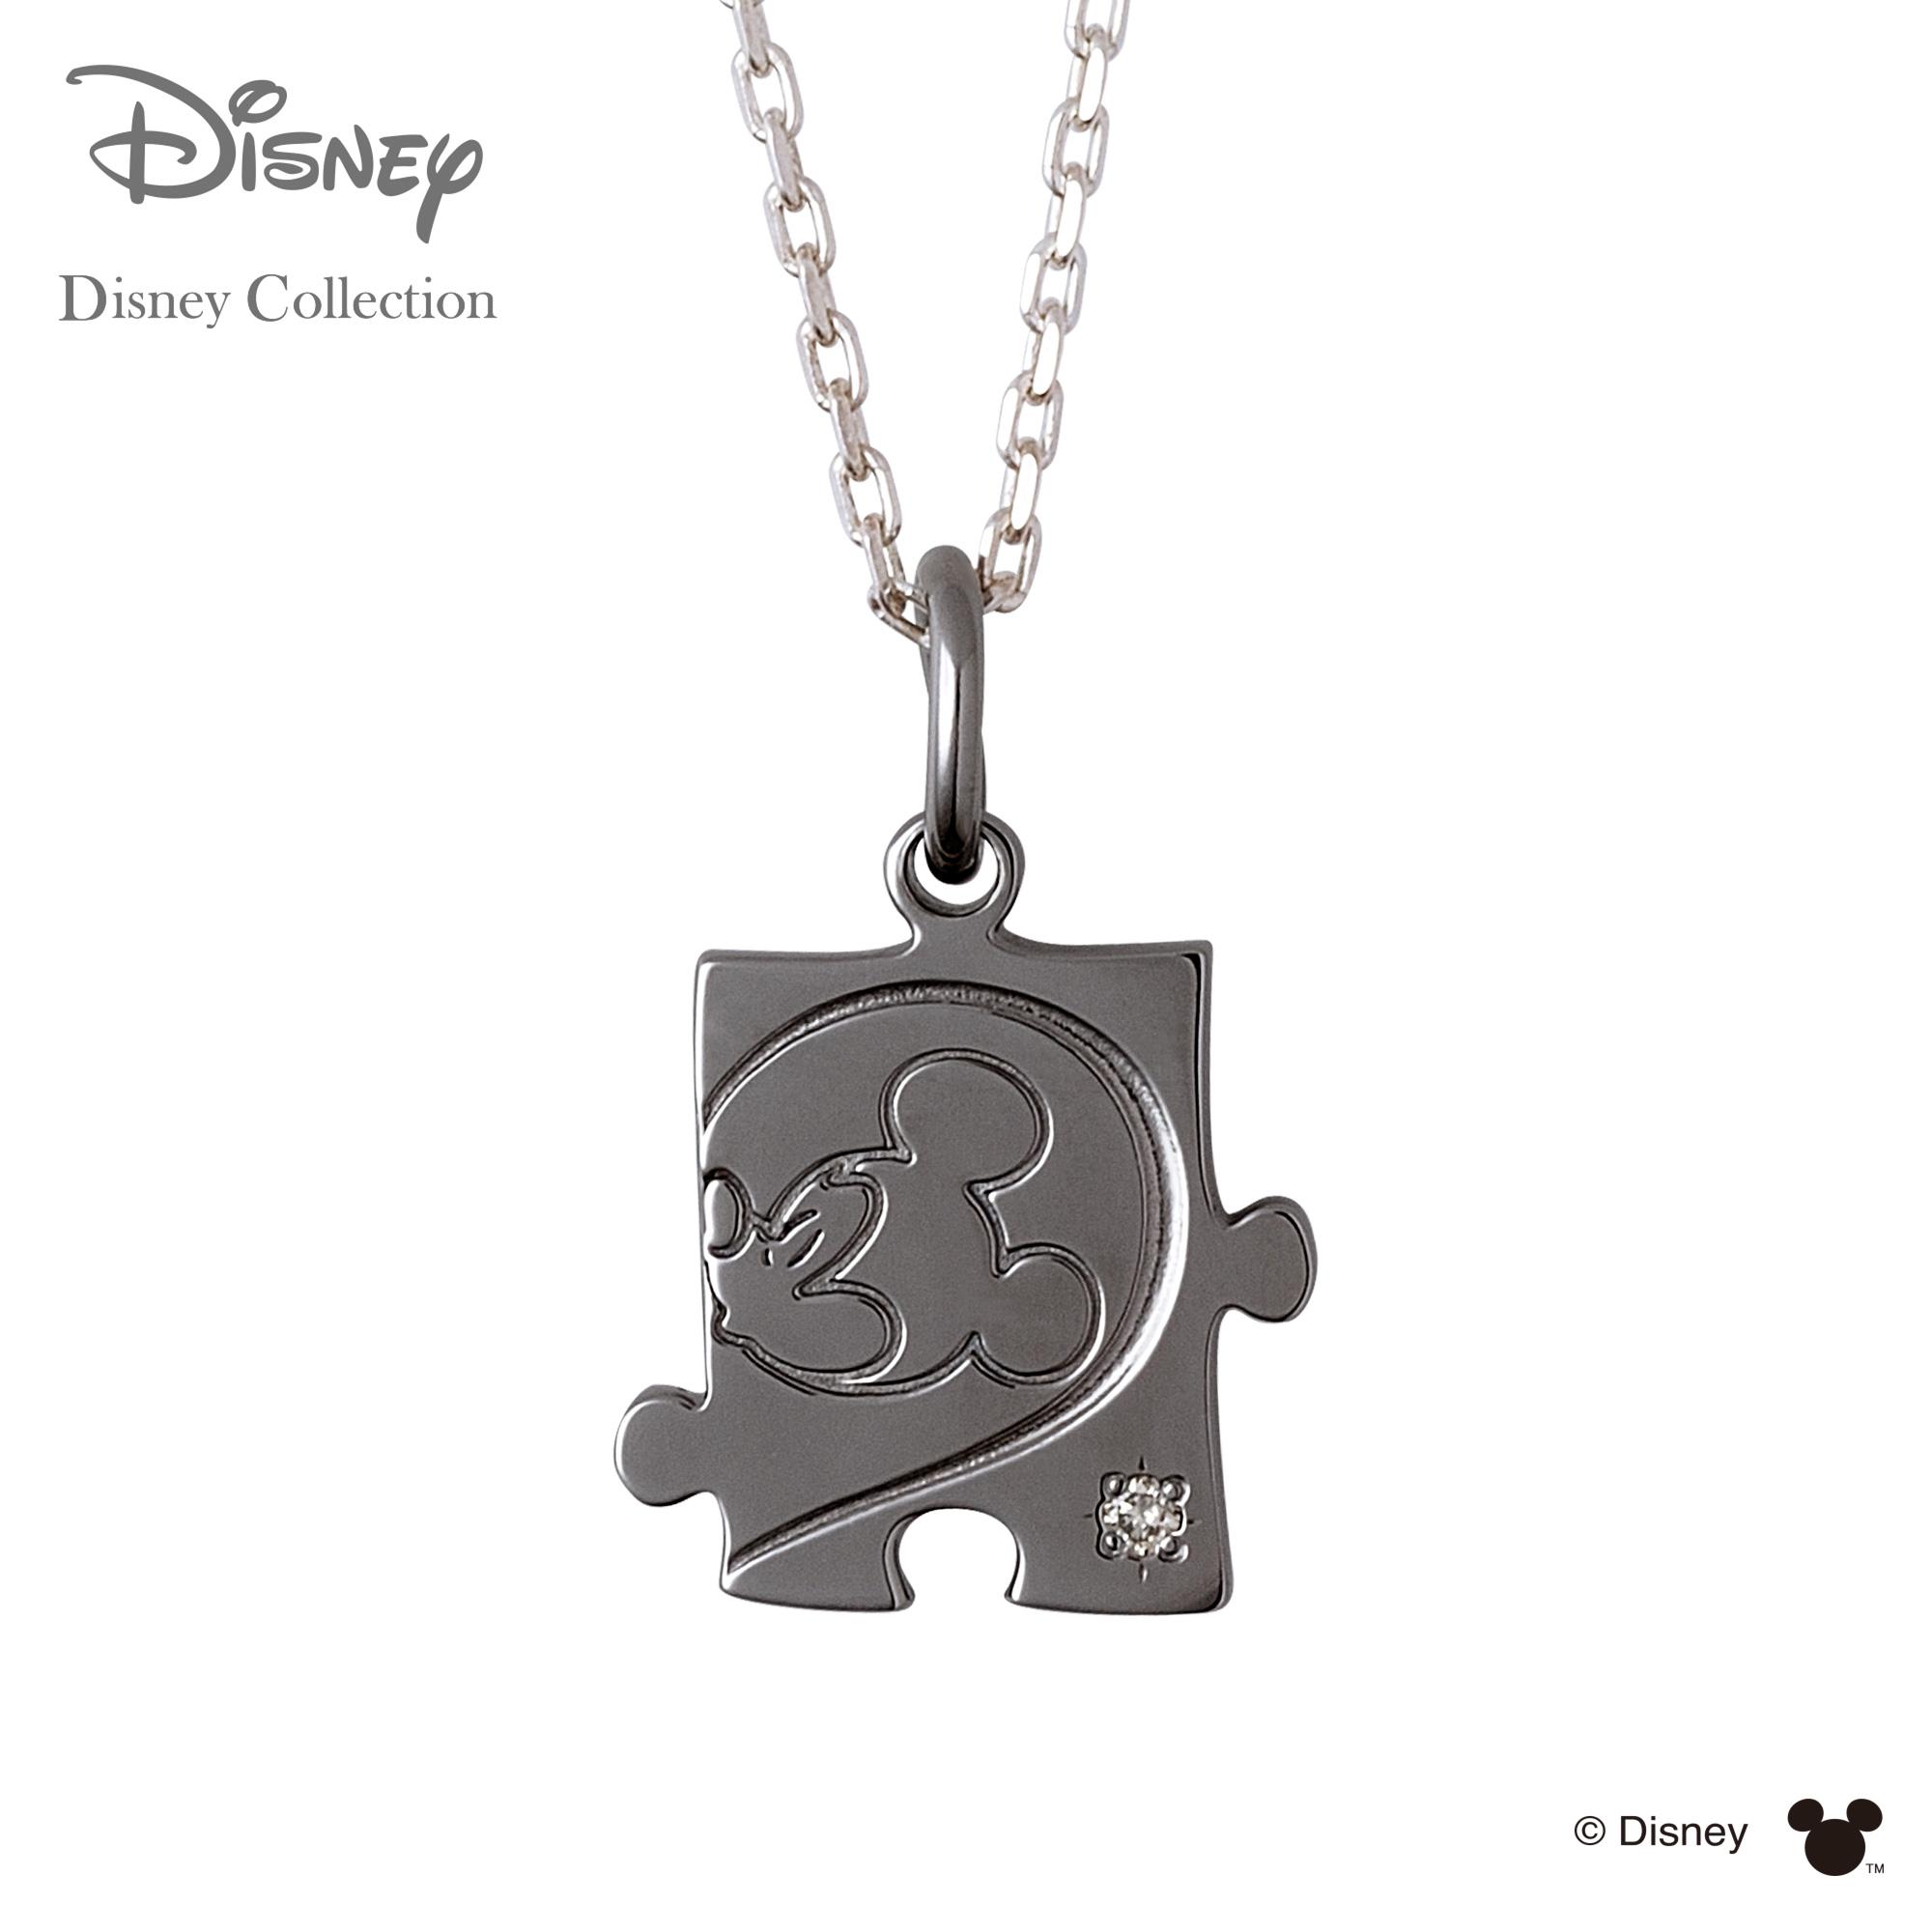 【あす楽対応】【ディズニーコレクション】 ディズニー / ネックレス / ミッキーマウス / THE KISS ペア ネックレス・ペンダント シルバー ダイヤモンド (メンズ 単品) DI-SN1804DM ザキス 【送料無料】【Disneyzone】